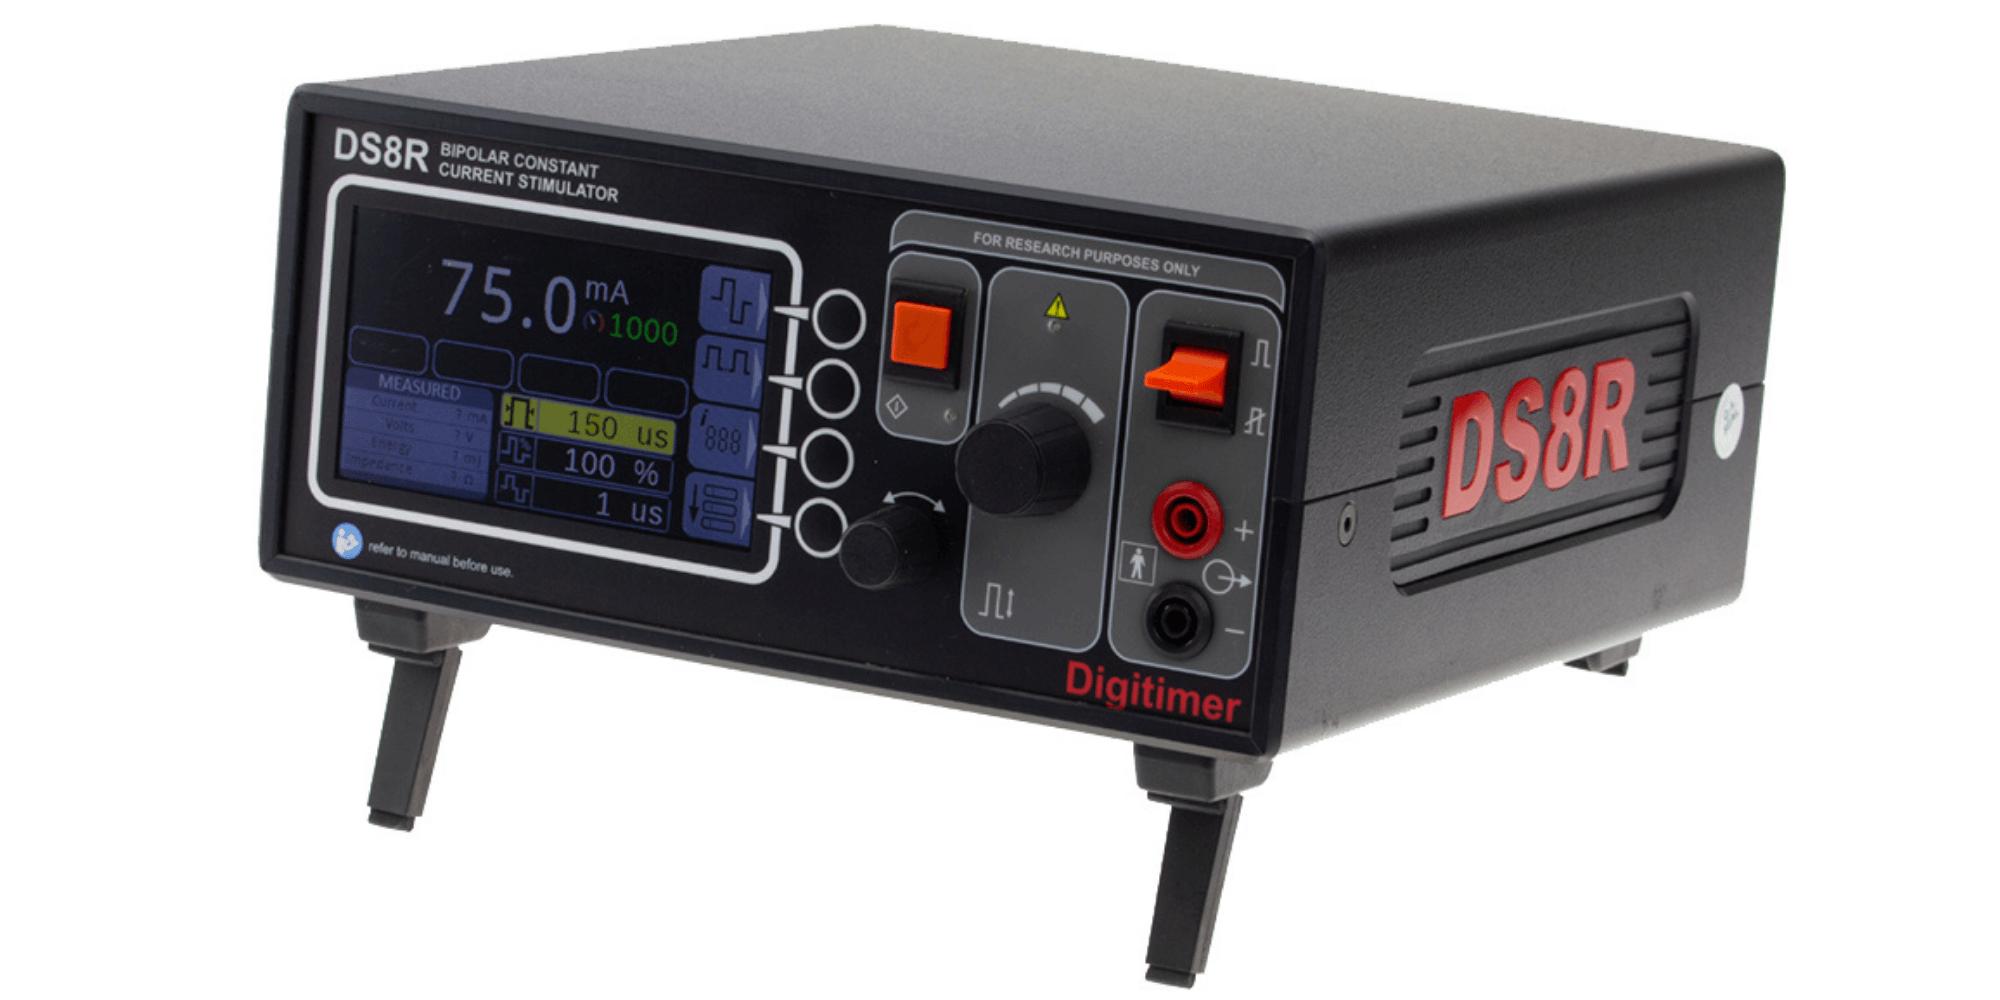 DS8R constant current stimulator